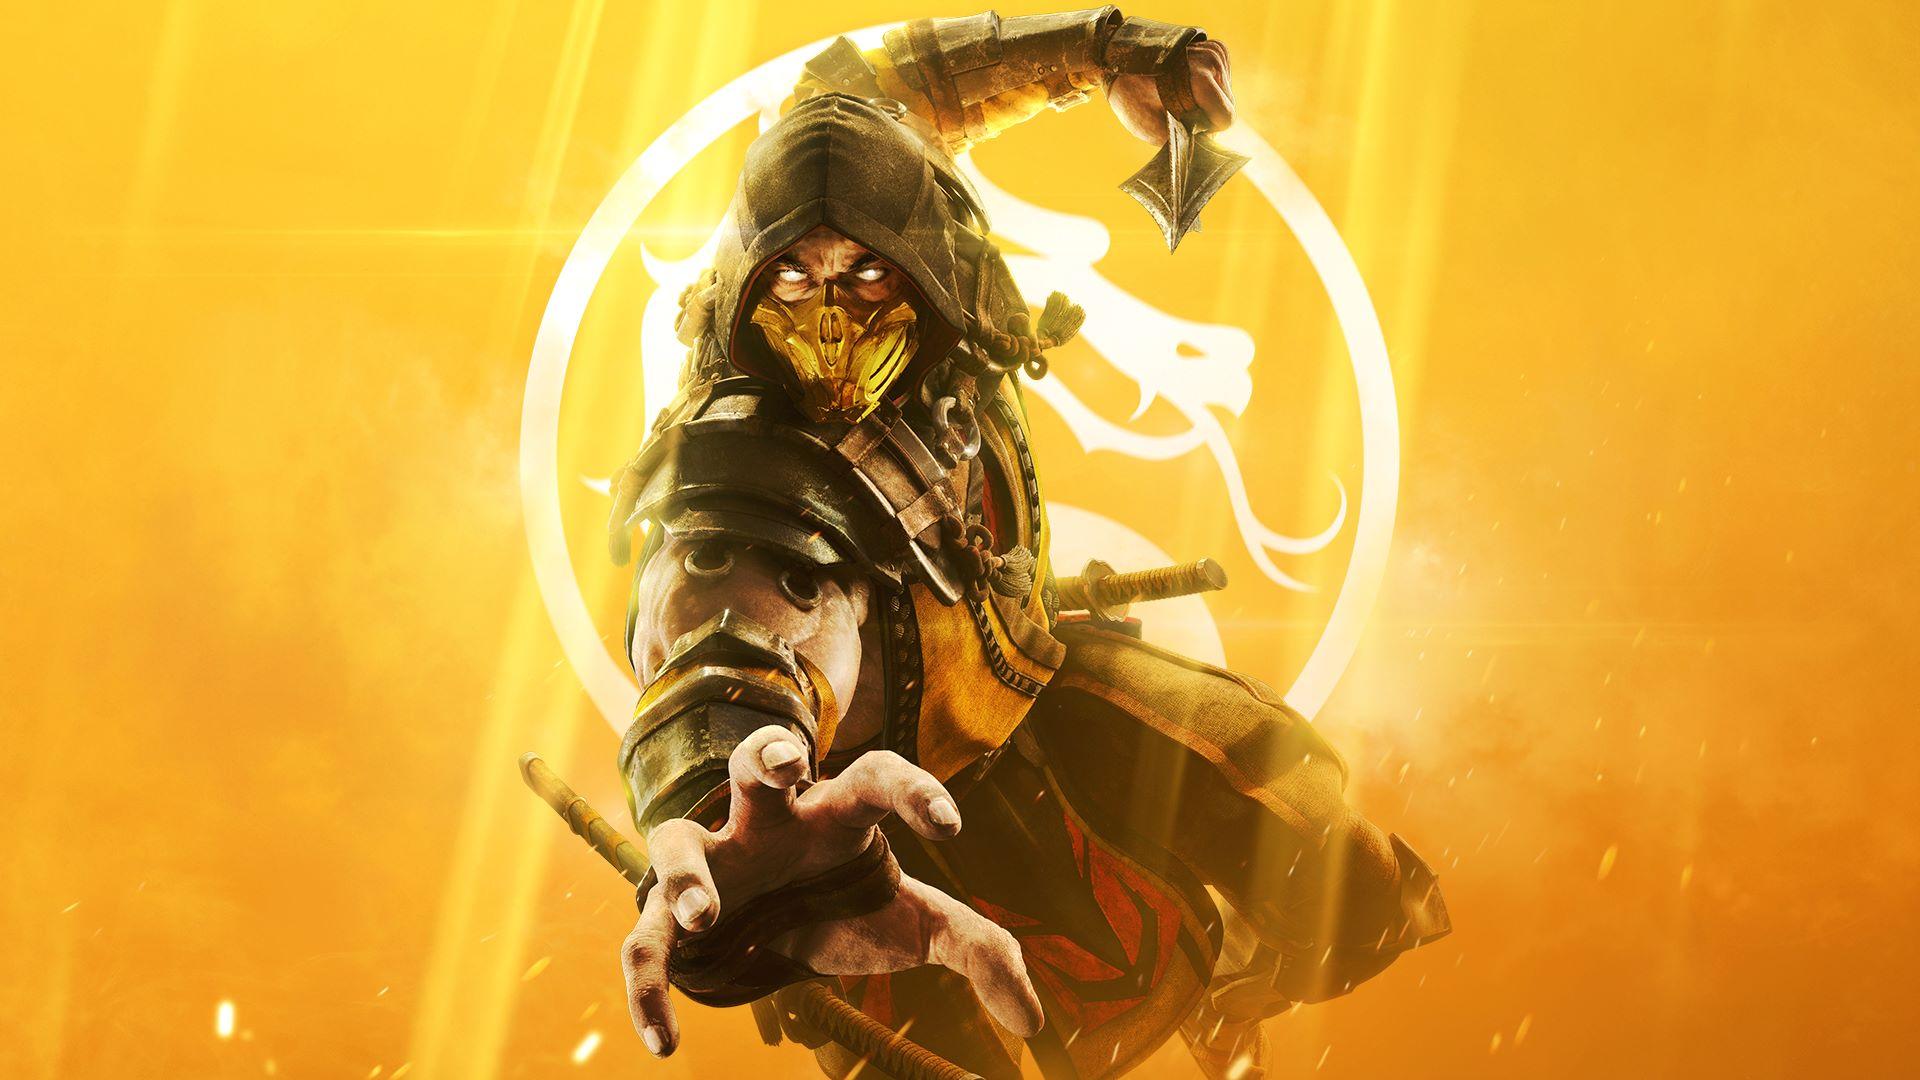 حالت جدید و جالبی برای بازی Mortal Kombat 11 معرفی شد